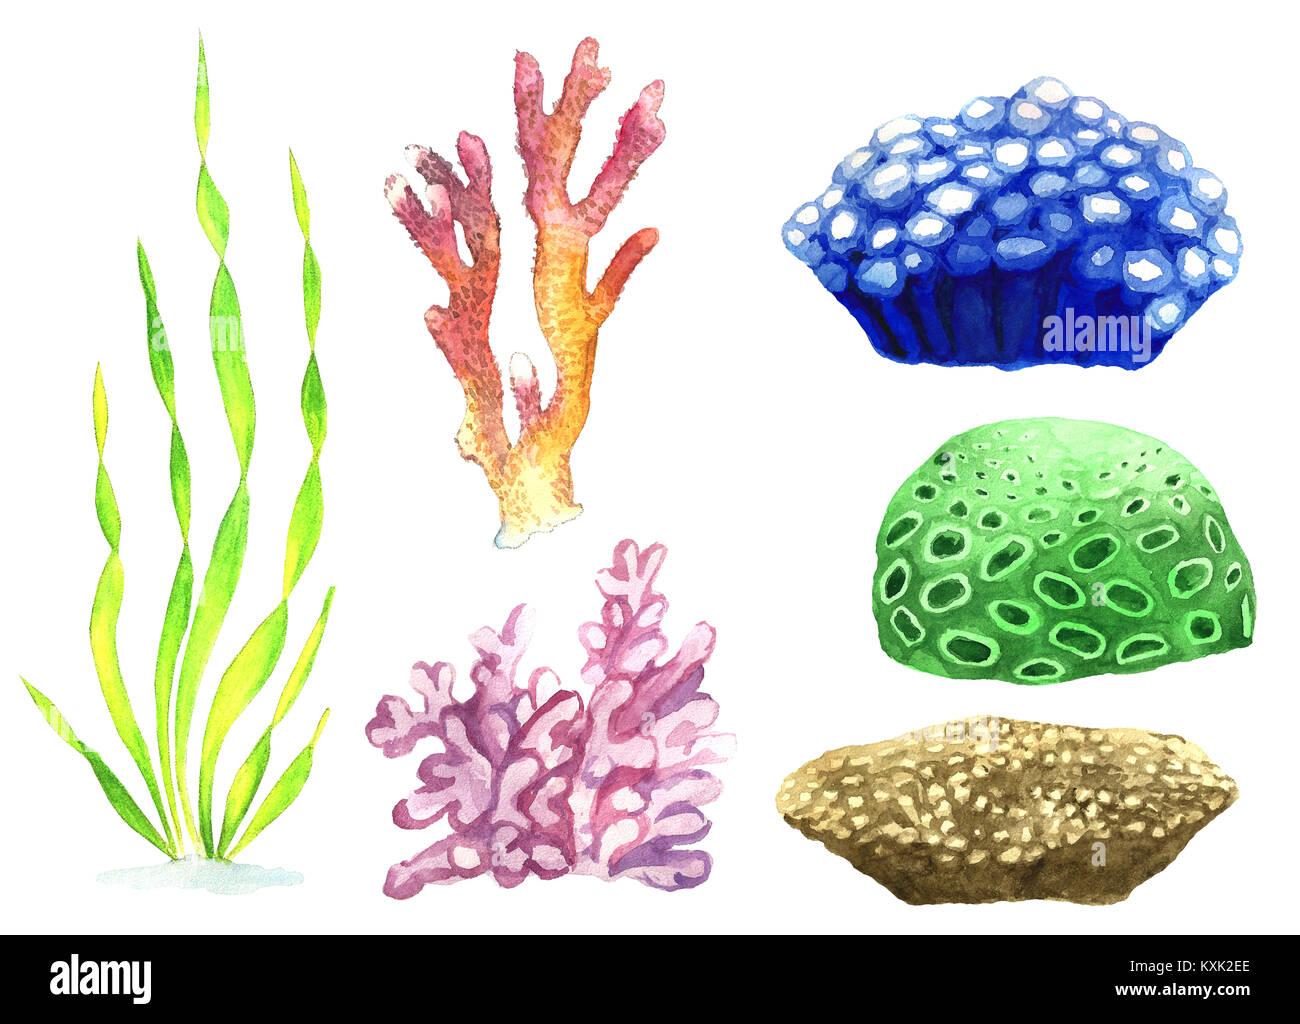 Acquerello Illustrazione Di Corallo E Alghe Raccolta Di Piante Di